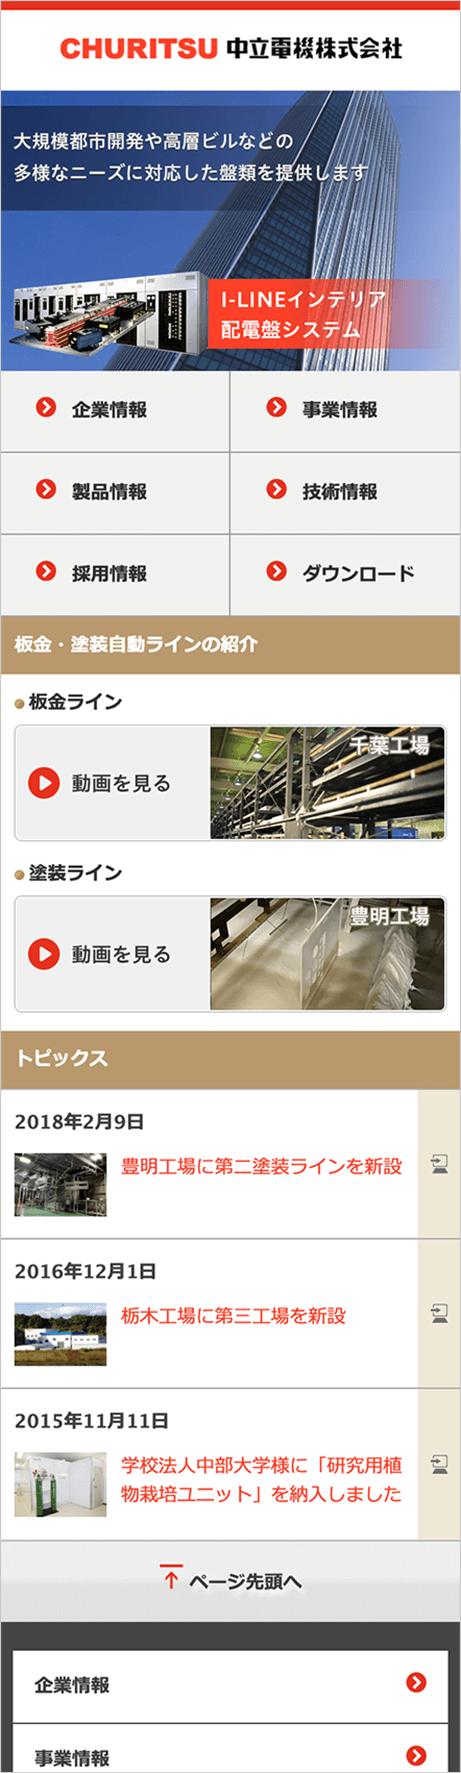 中立電機のSPトップページ画像